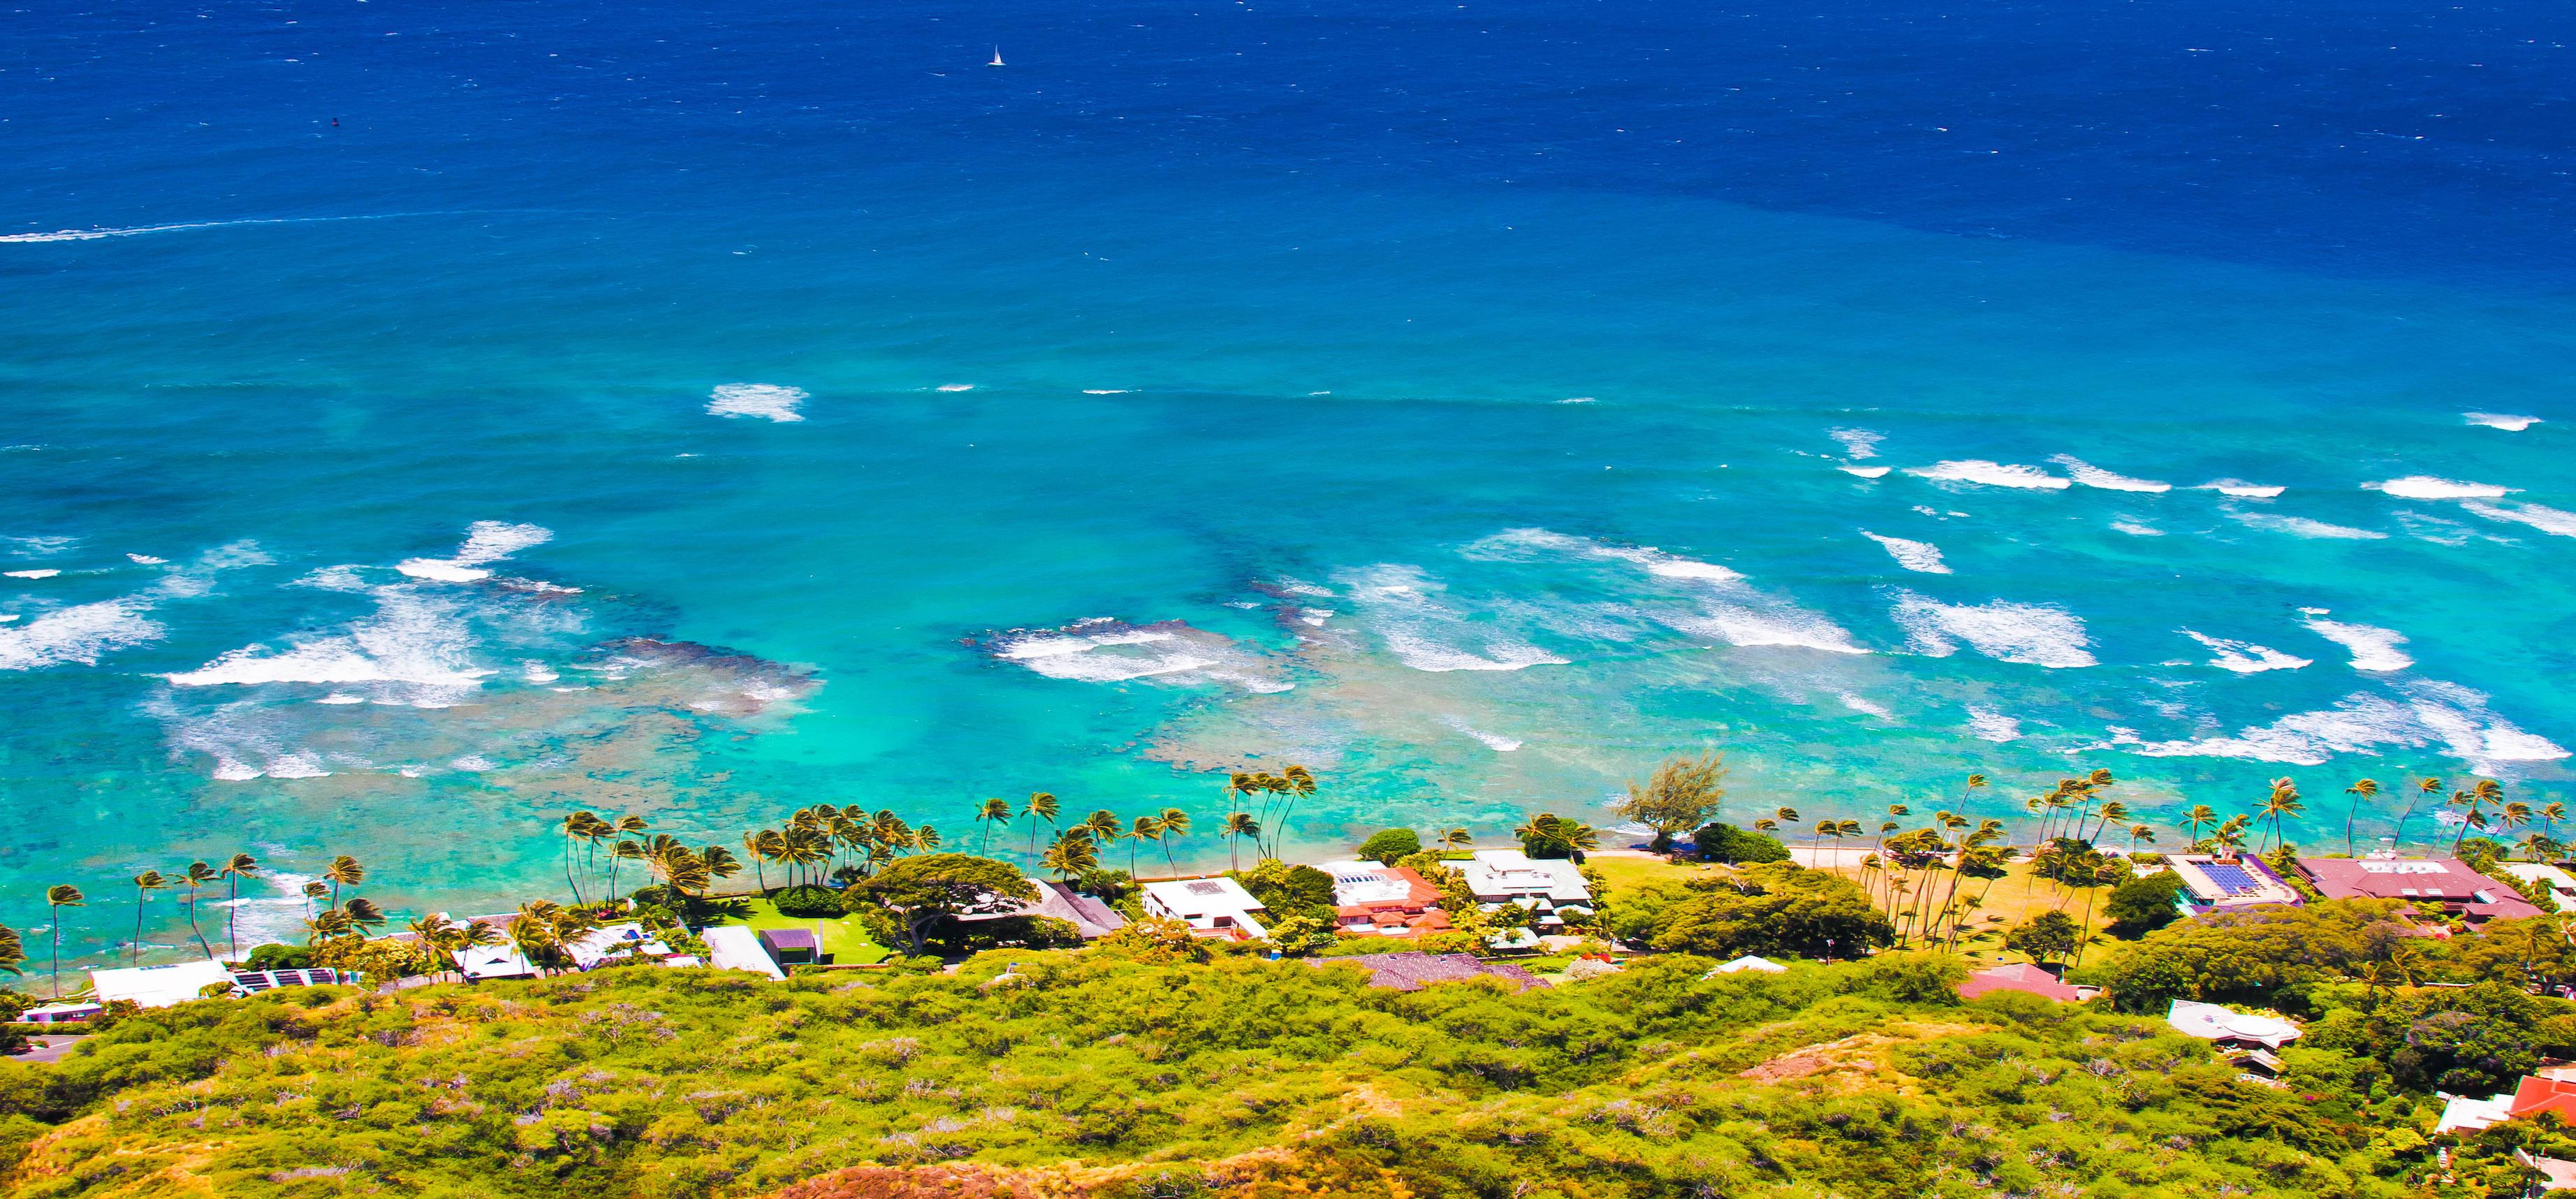 Kaanapali Beach Rentals - Hawaii 2